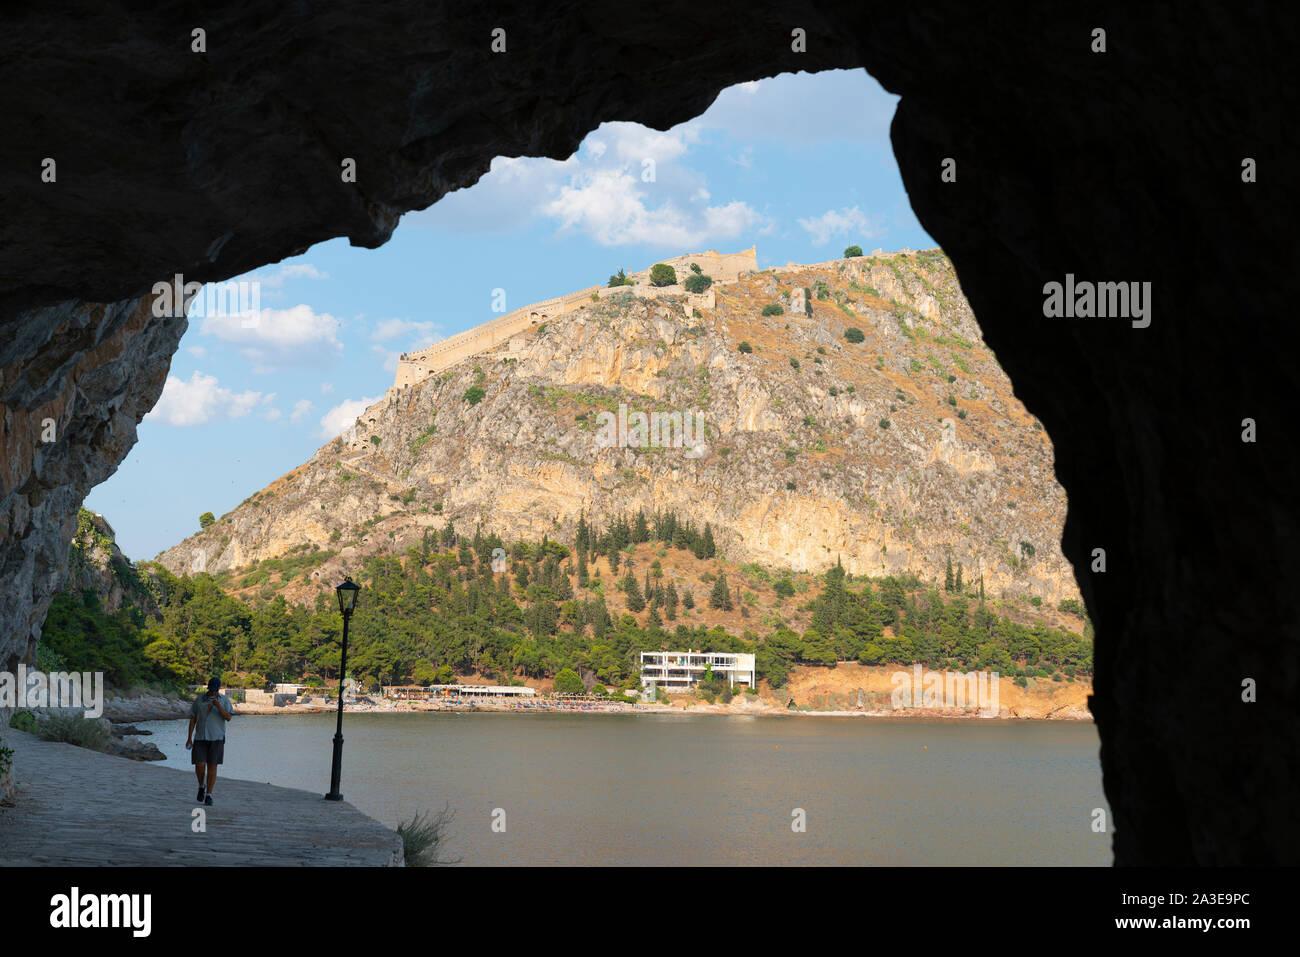 Nafplio Griechenland - 19 Juli 2019; Rock arch im Silhouette mit Blick über den Strand von Arvanitia und Resort mit Palimidi Fort auf dem Hügel. Stockfoto